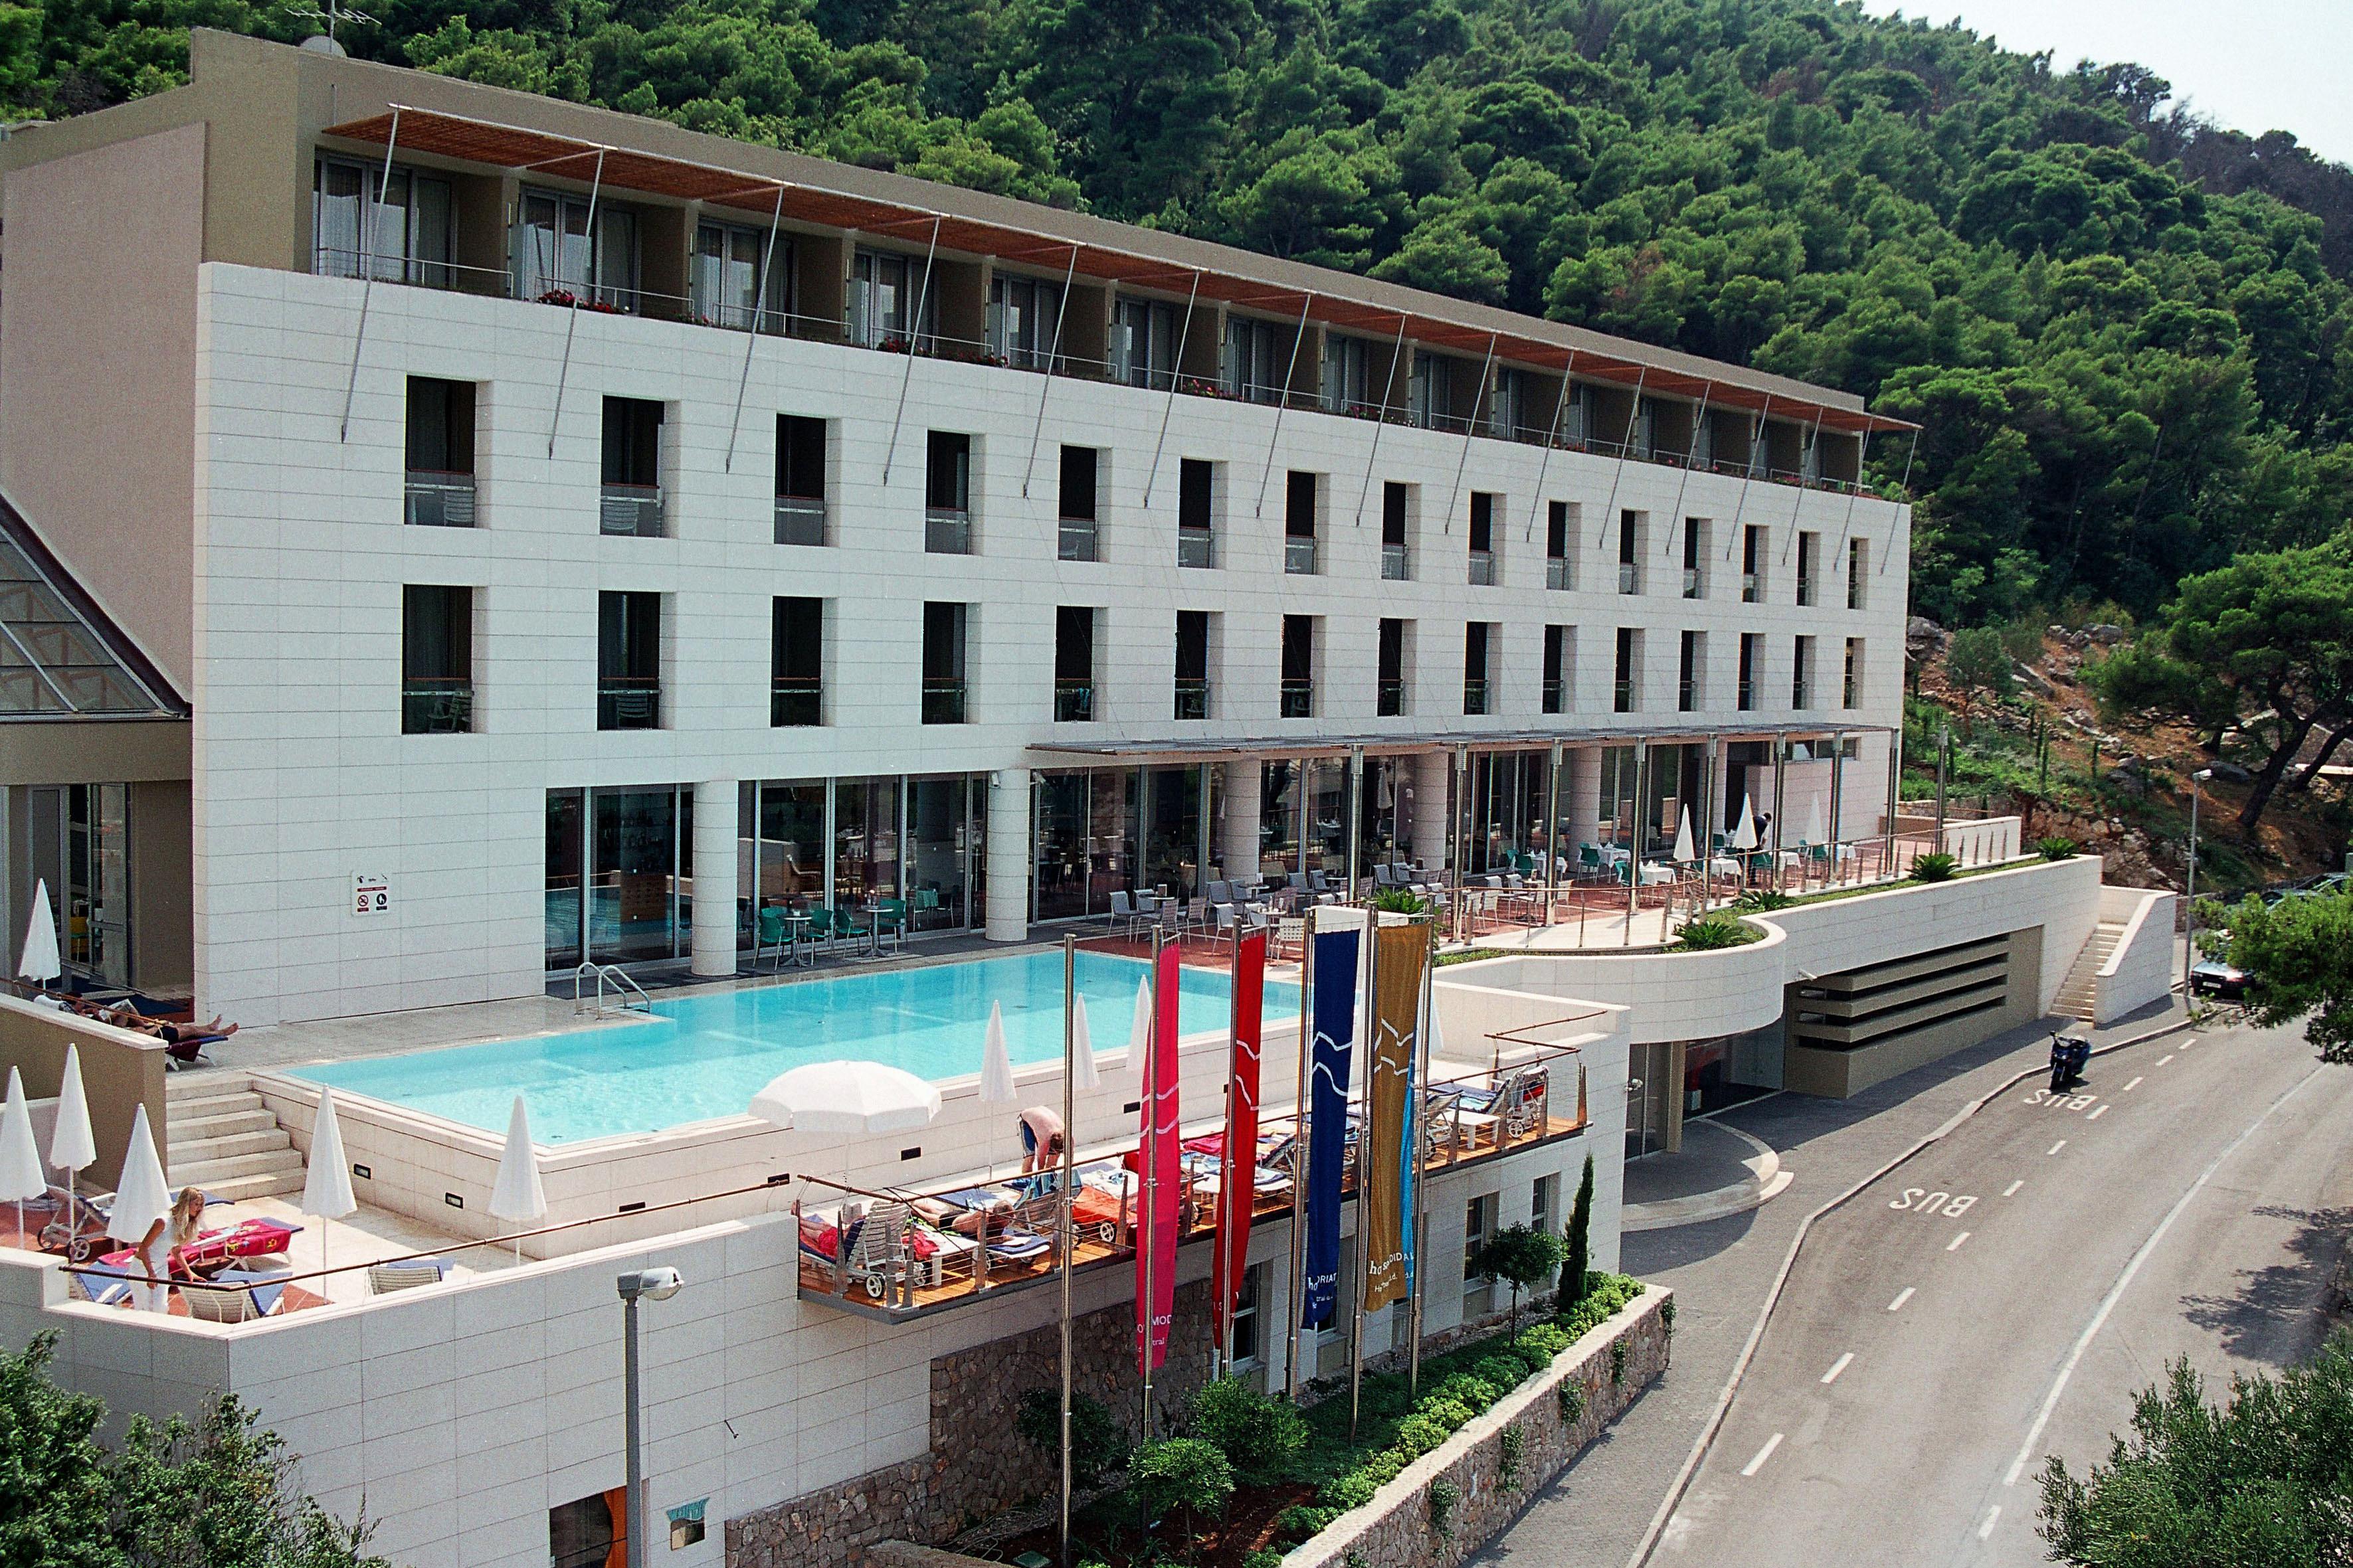 uvala-hotel-front-entrance-pool